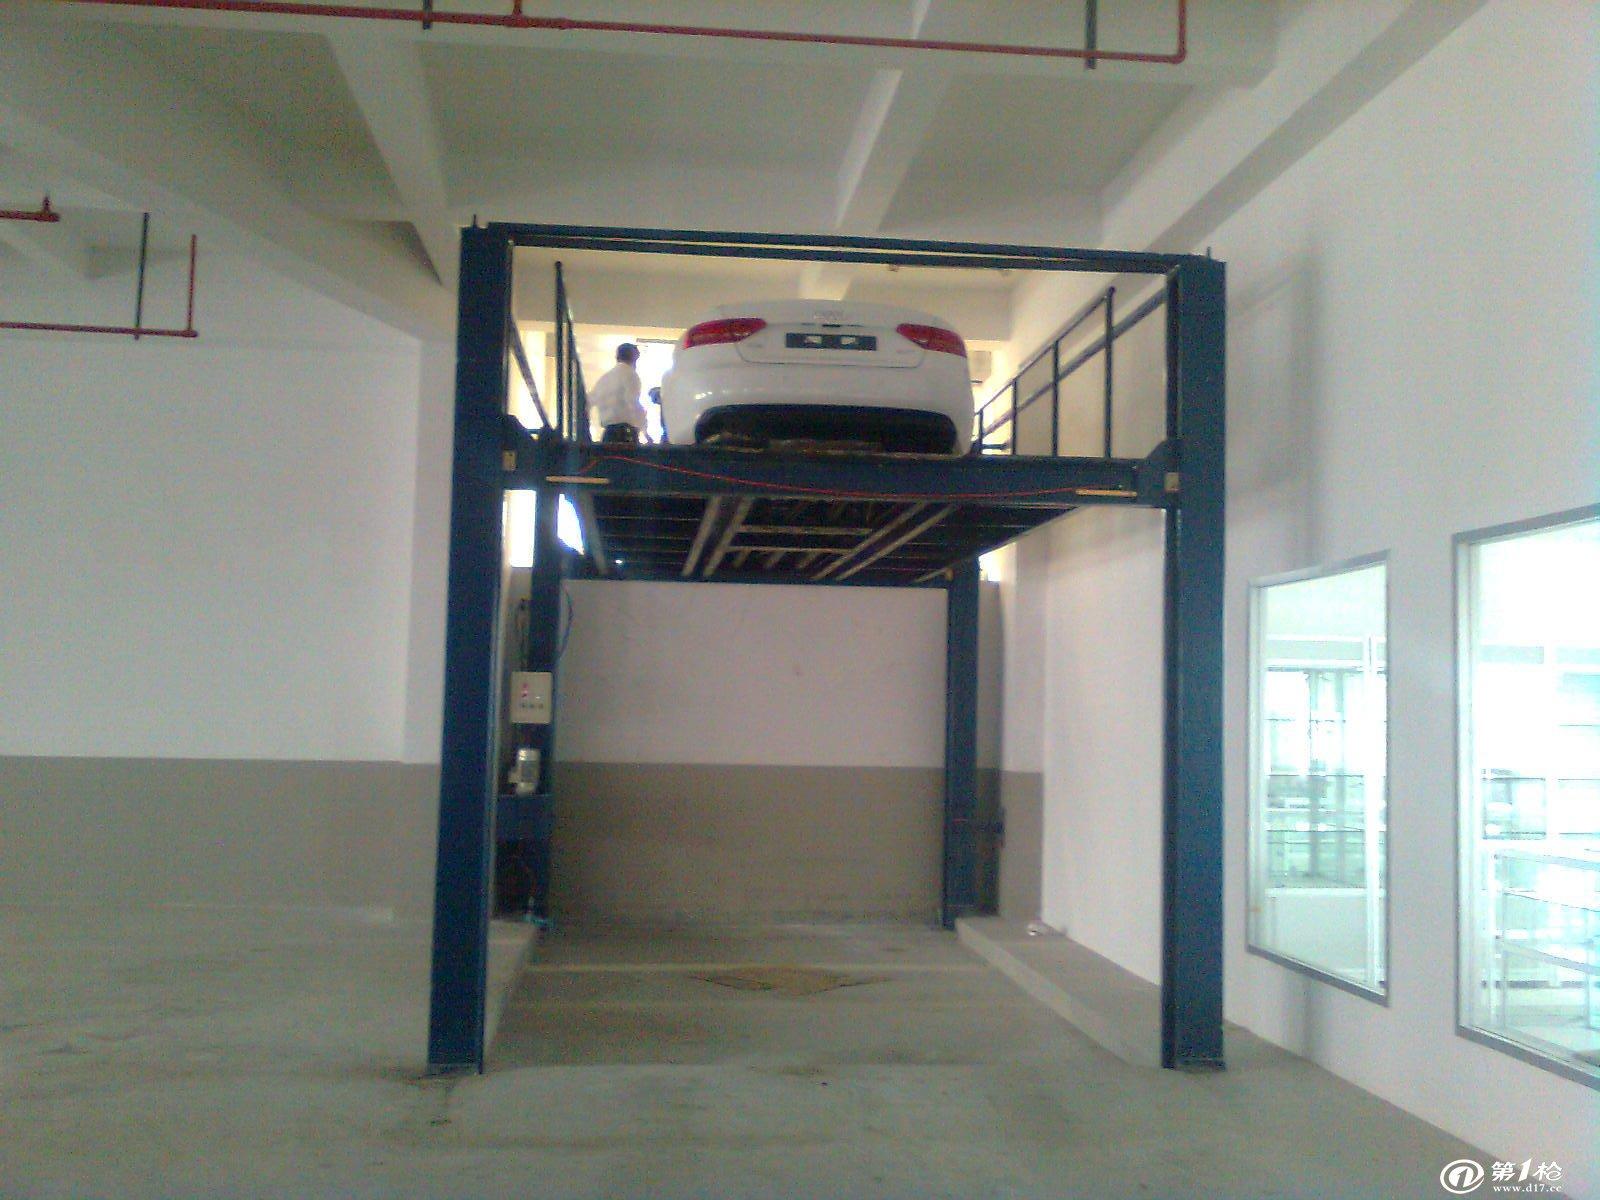 无房房.有机房 汽车电梯 车俩电梯 汽车升降平台